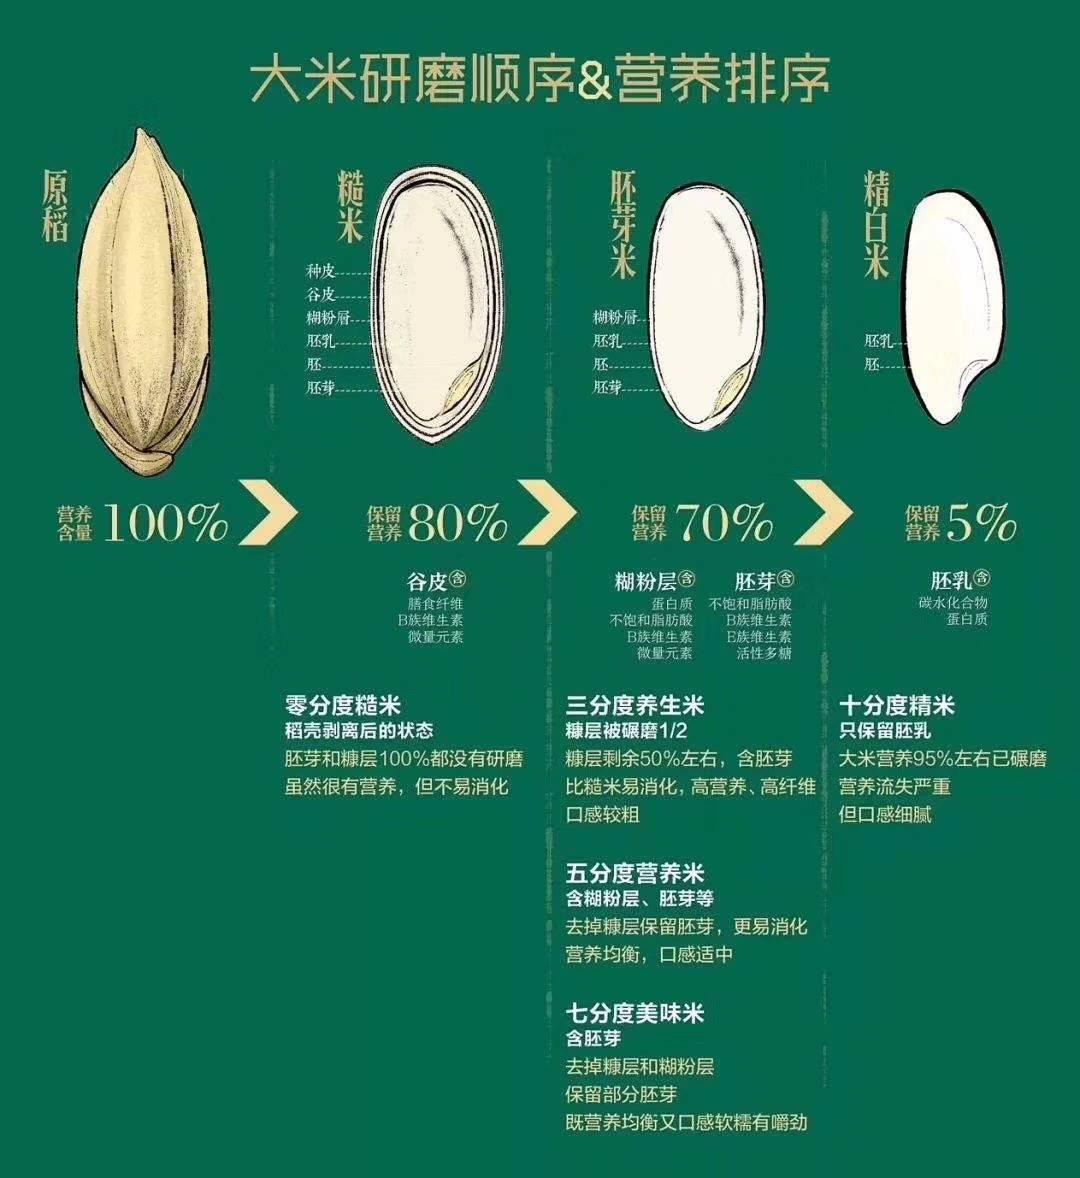 大米研磨顺序及营养排序